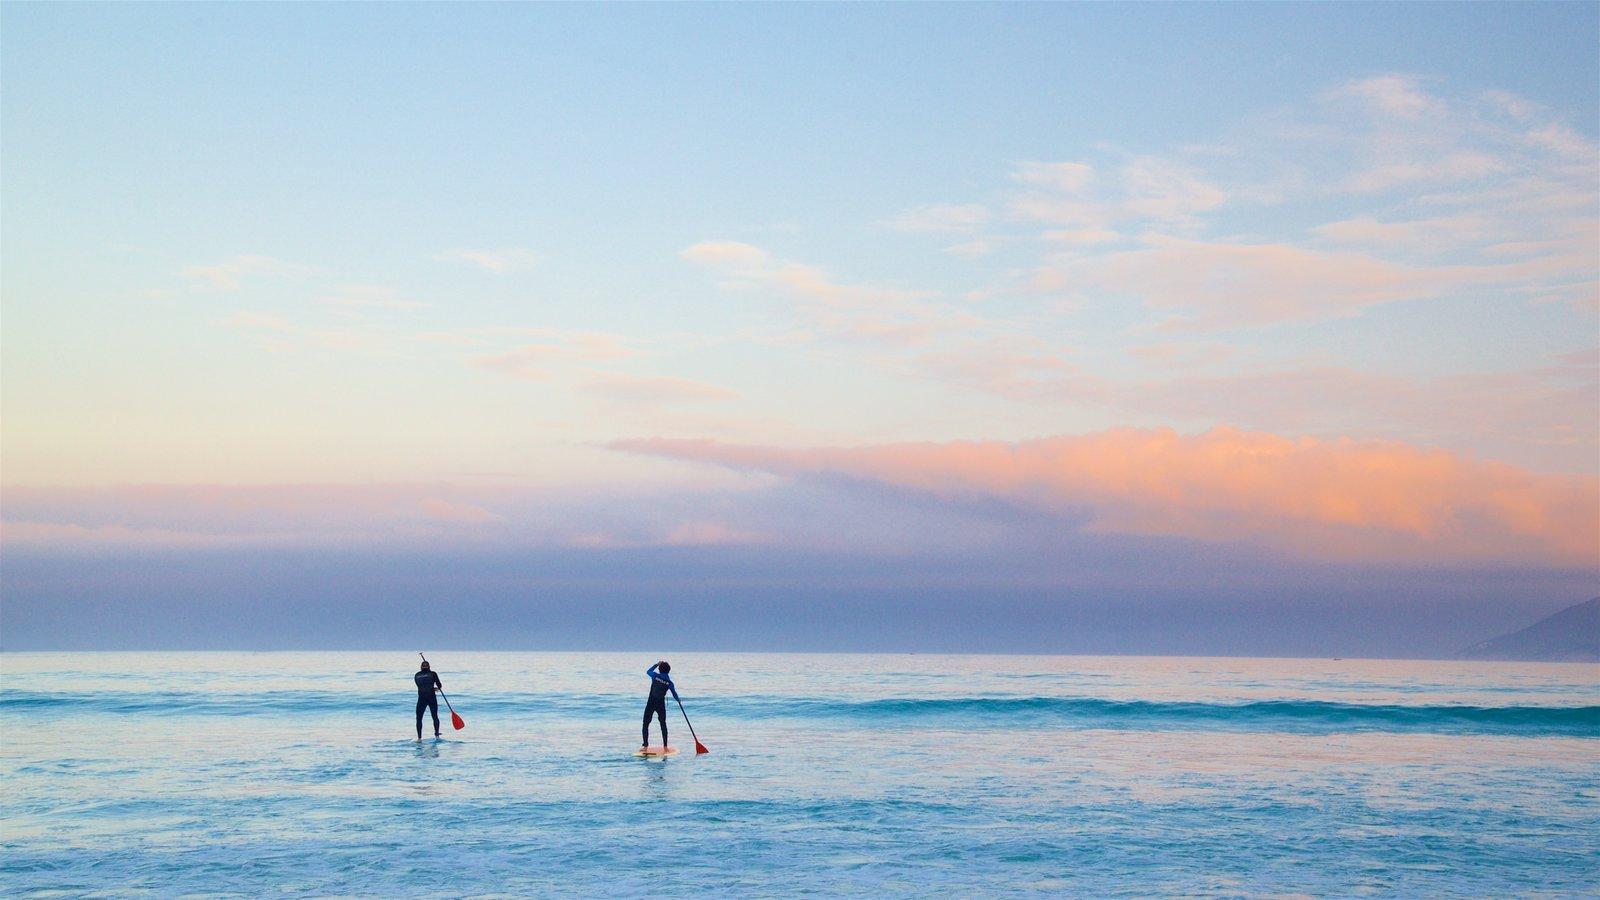 Praia do Forte caracterizando um pôr do sol, paisagens litorâneas e caiaque ou canoagem